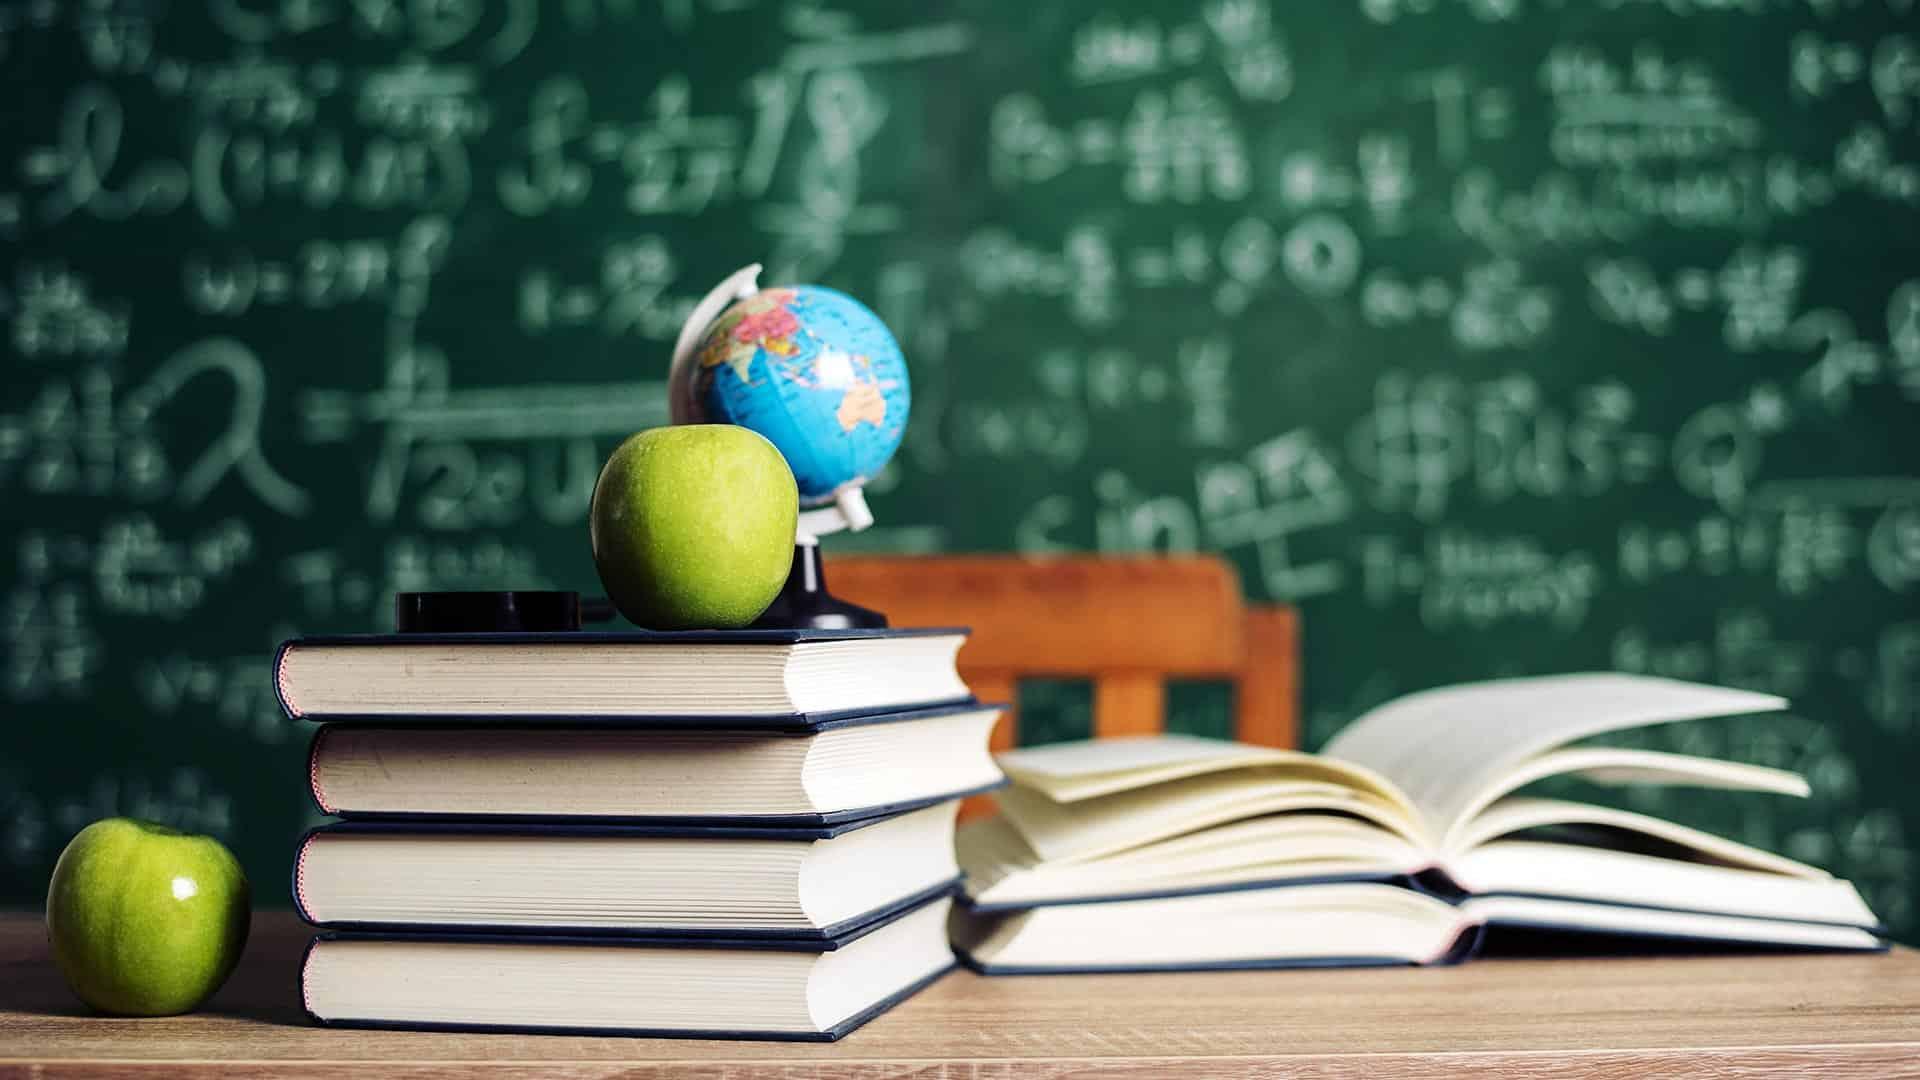 शिक्षा का मुख्य उद्देश्य सामाजिक रूप से बेहतर प्रदर्शन